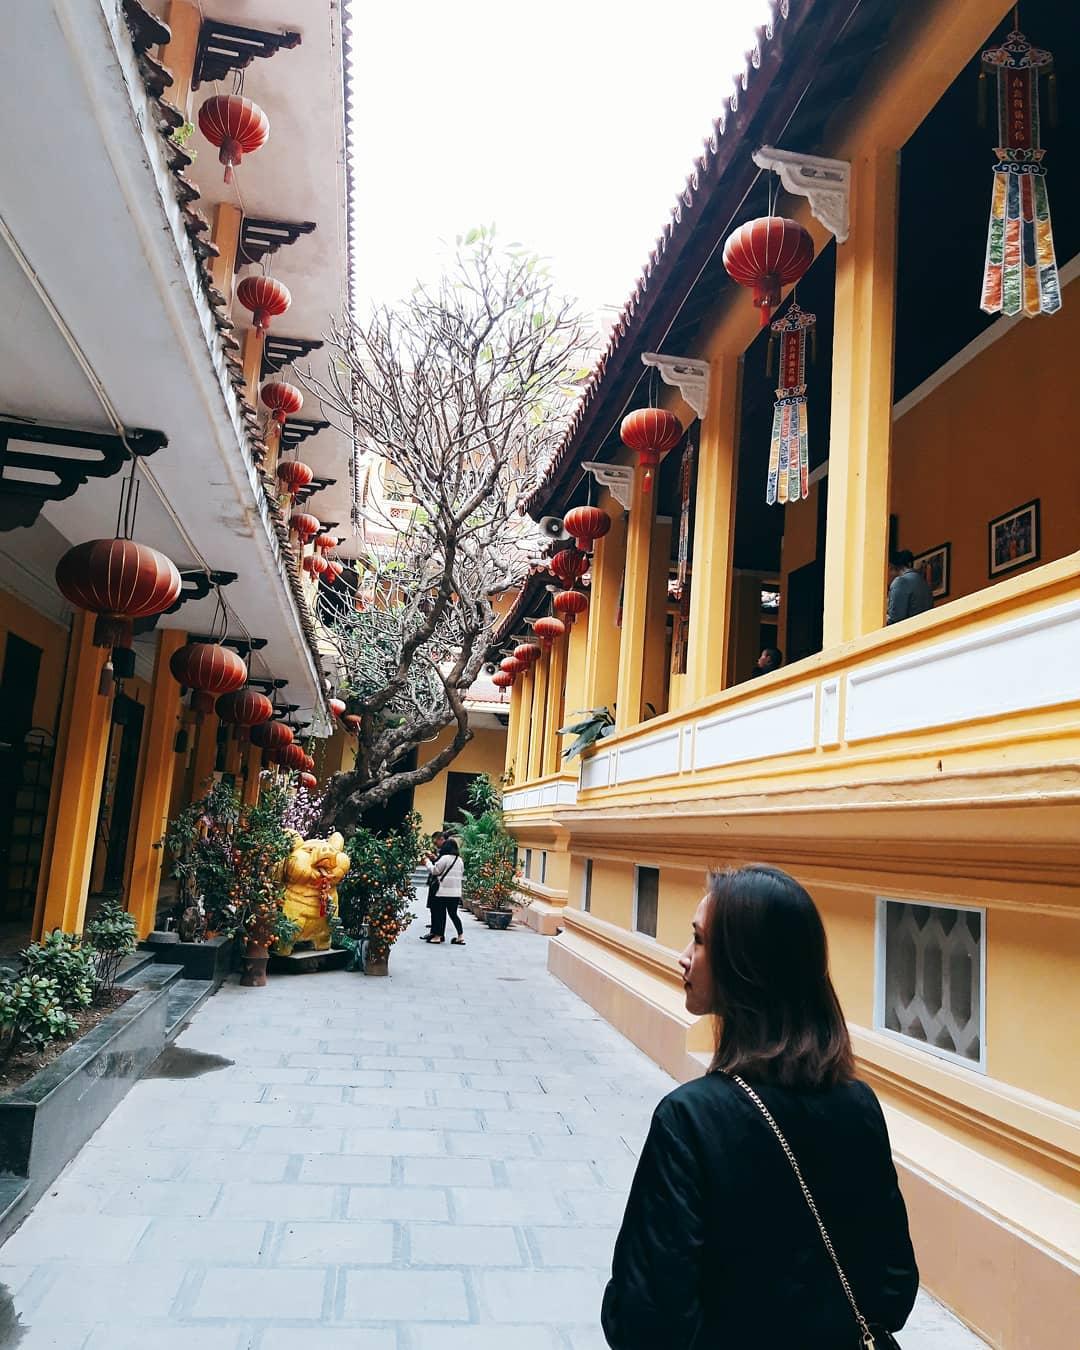 Nhân ngày Thất Tịch, cùng dạo quanh những ngôi chùa cầu duyên nổi tiếng nhất Hà Nội và Sài Gòn - Ảnh 7.